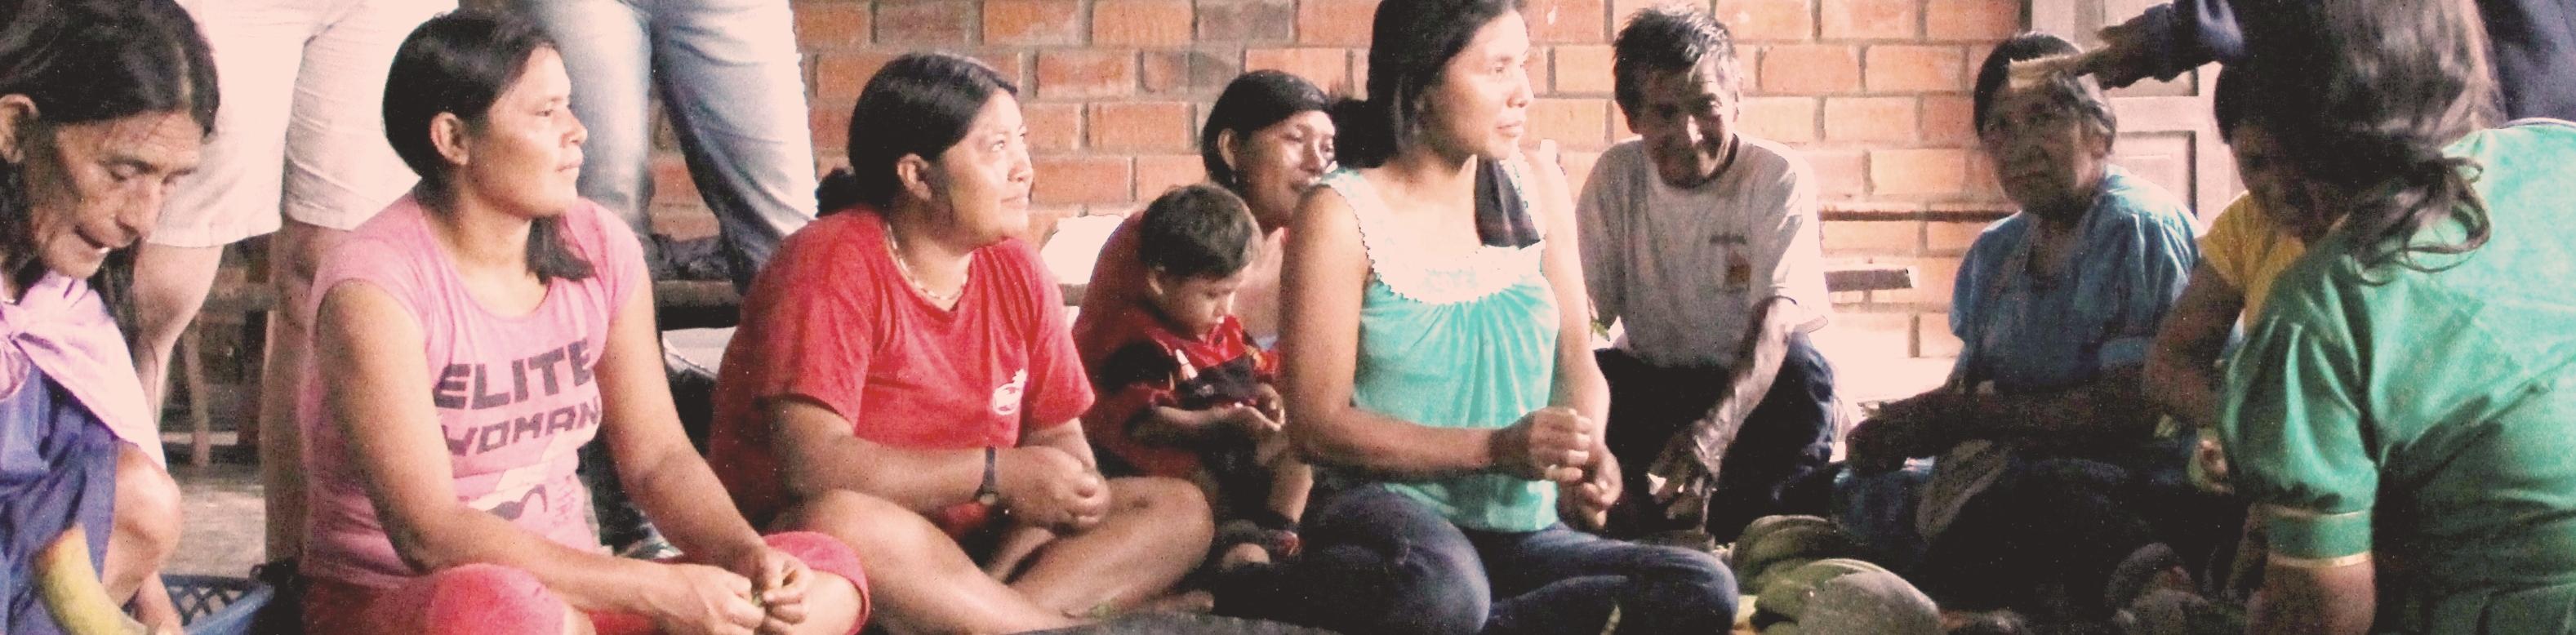 VIII FOSPA: intercâmbio em comunidade quéchua no Peru